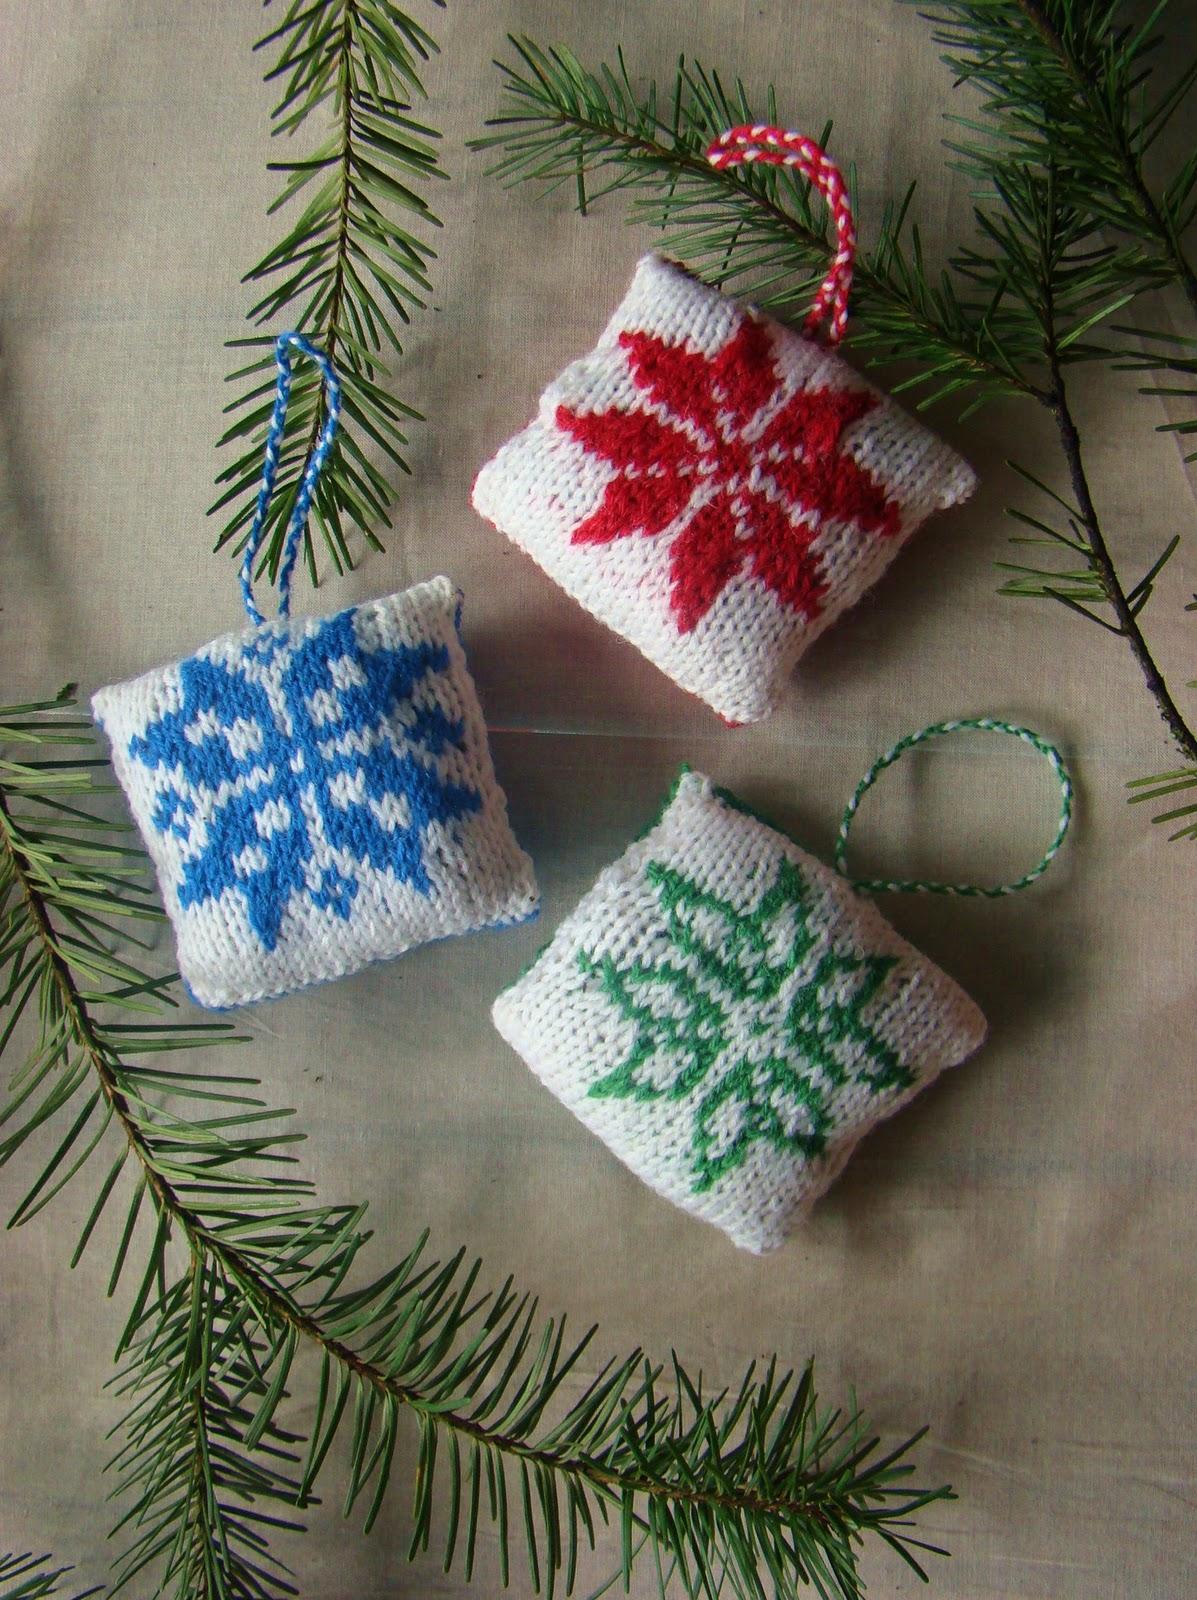 Knitting Holidays Shetland : Fiona duthie happy holidays